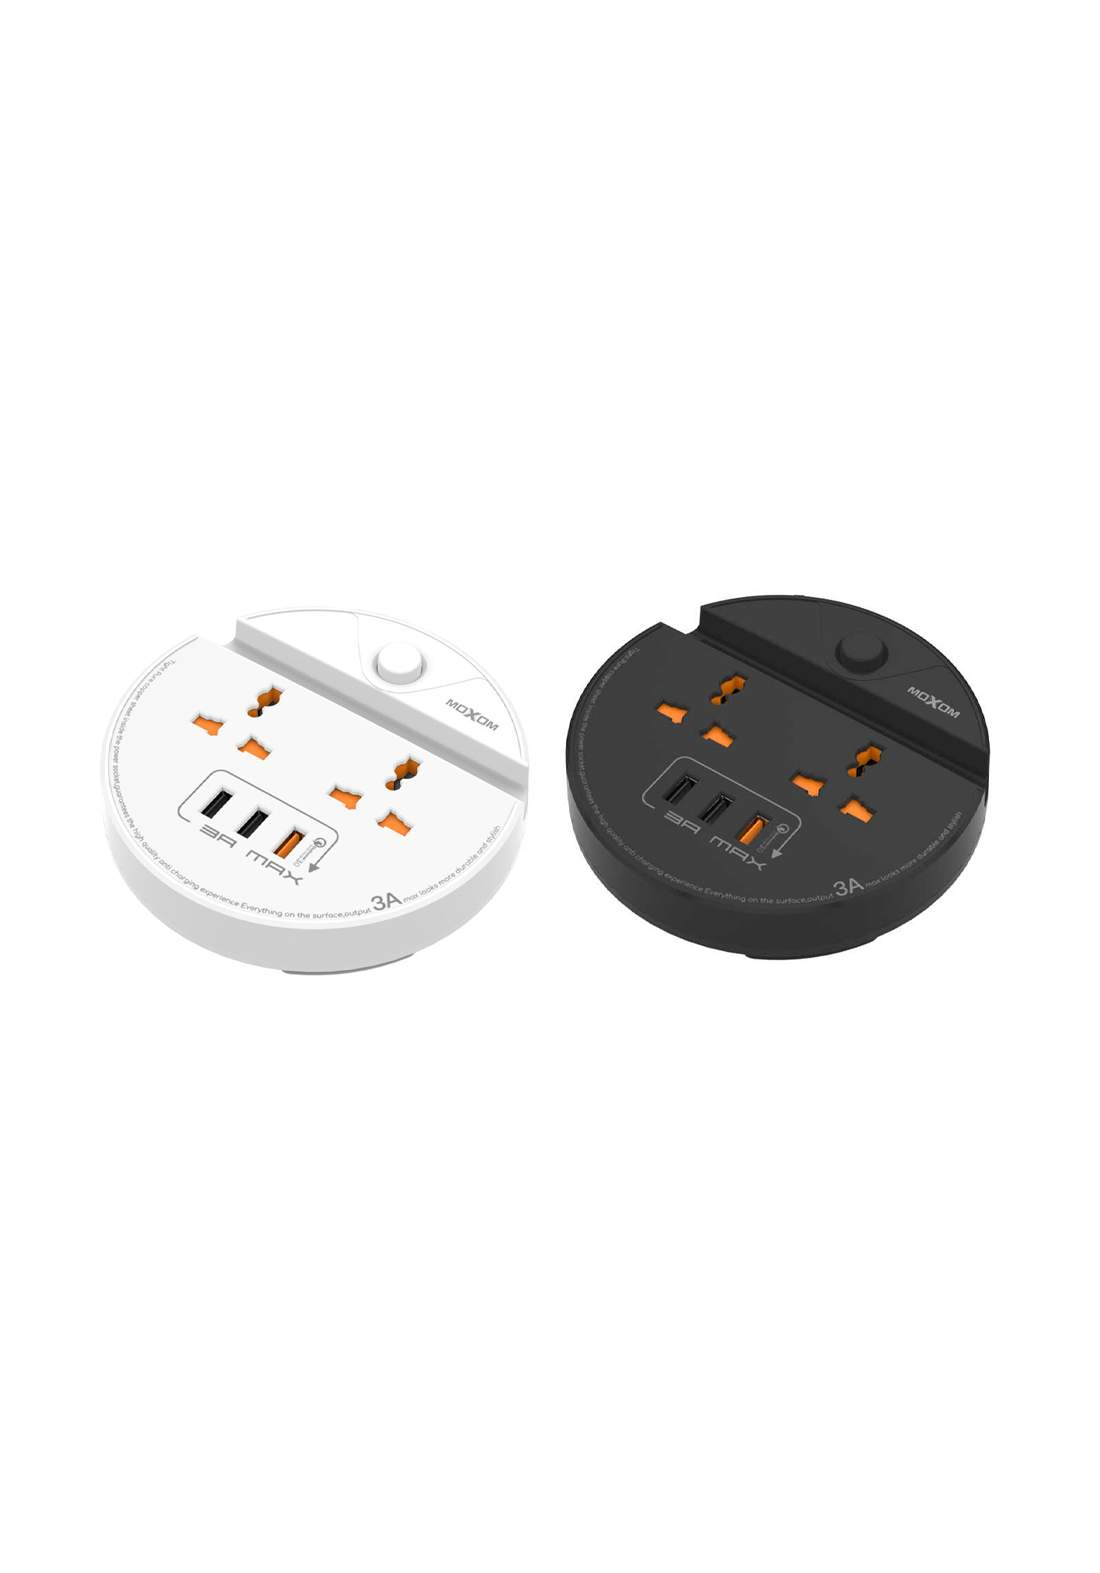 Moxom MX-ST03 Power Socket